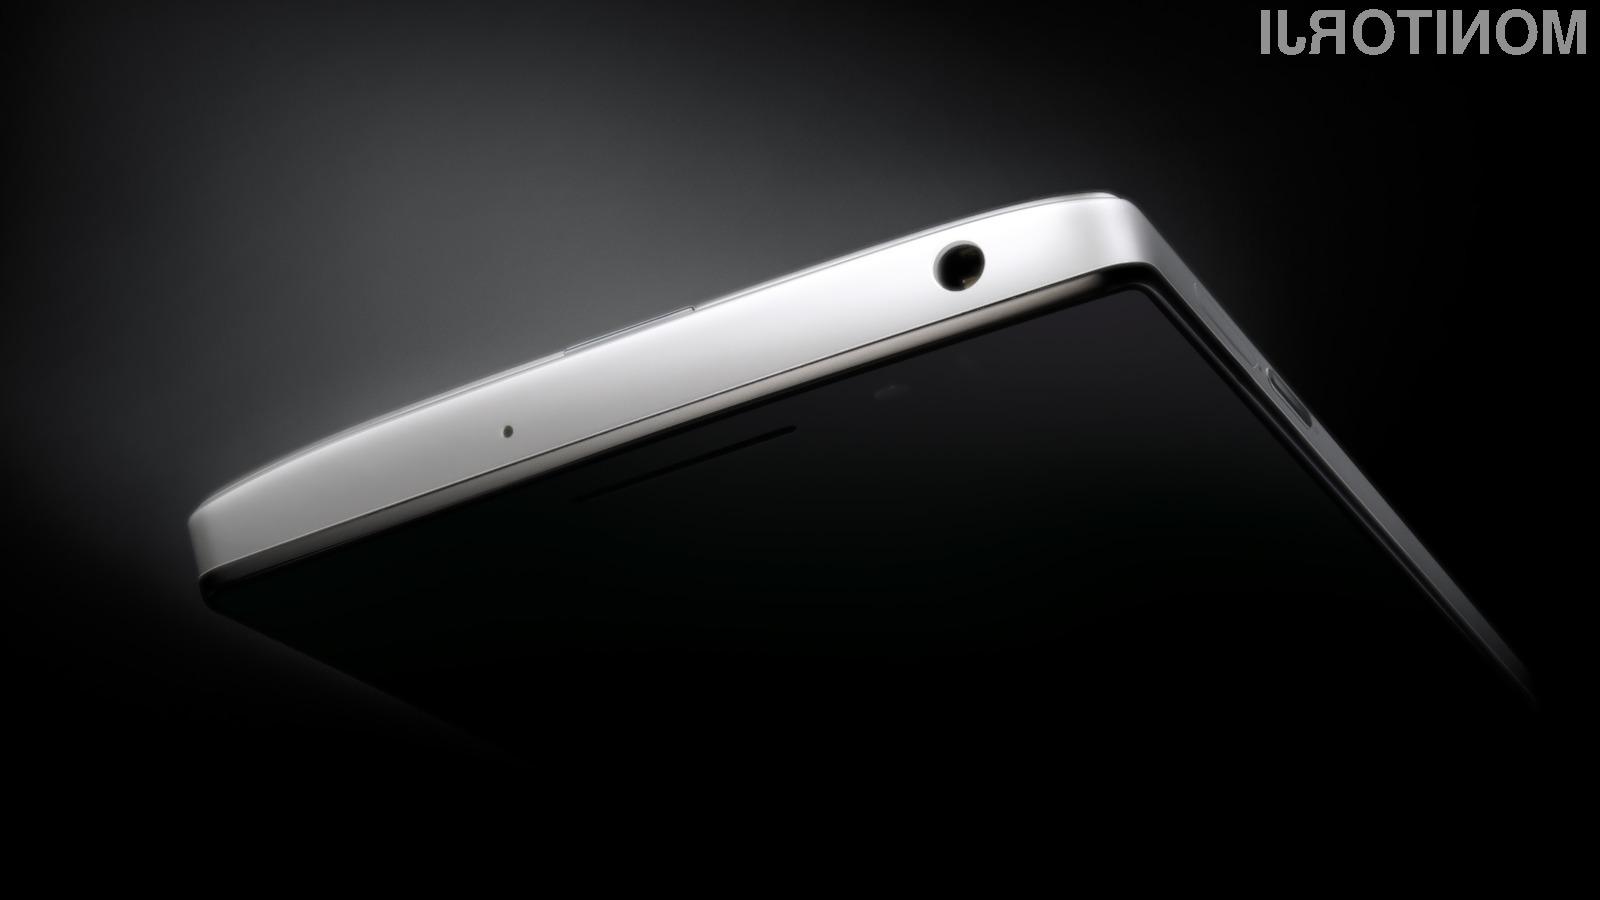 Mobilnik Oppo Find 5, ki ga pričakujemo na policah trgovin v prvi četrtini letošnjega leta, ima zaslon s kar 441 pikami na palec.